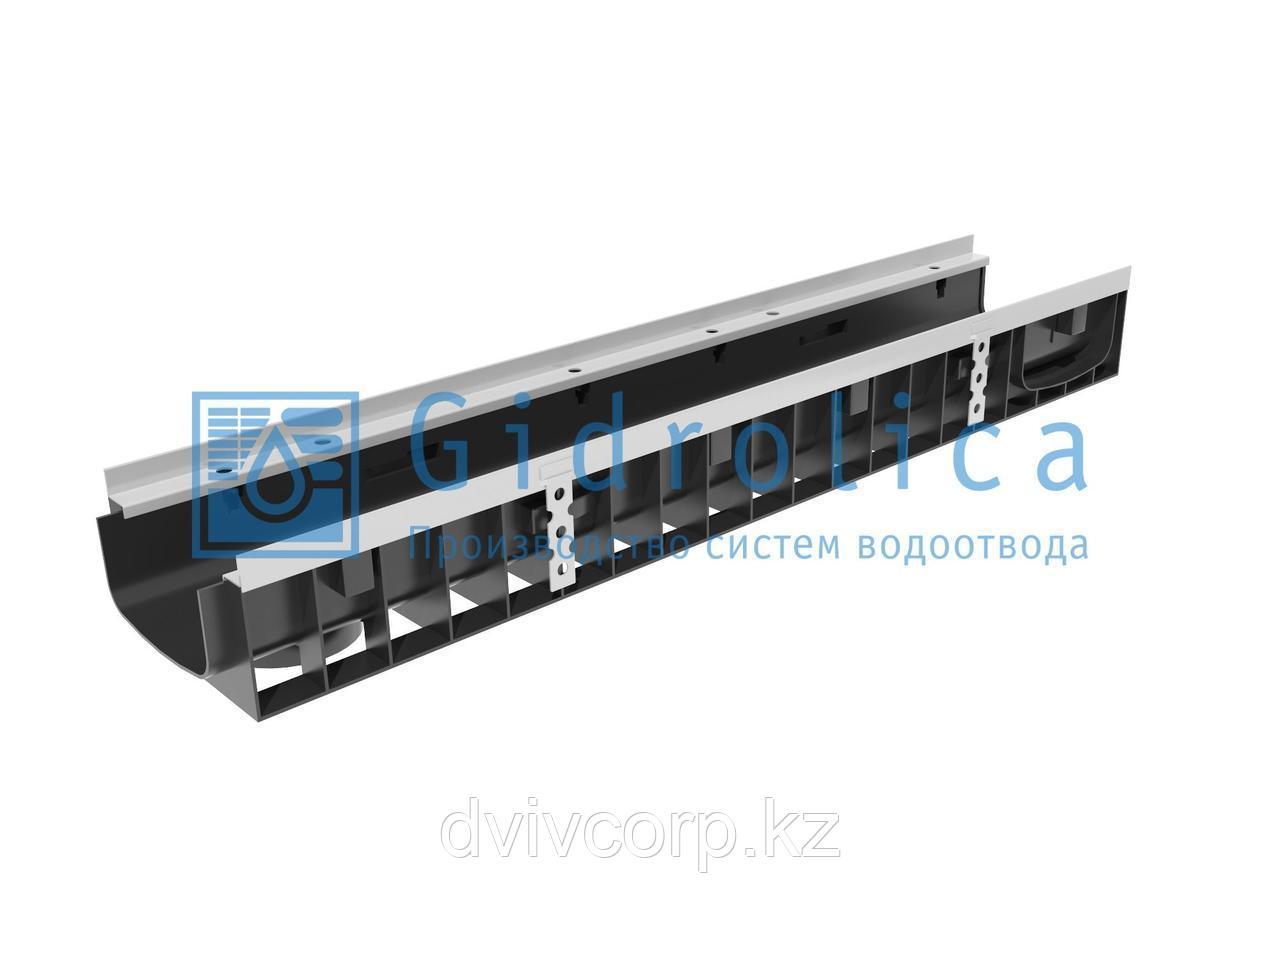 Арт. 0815 Лоток водоотводный Gidrolica Super ЛВ -15.19,6.11,8 - пластиковый, кл. Е600